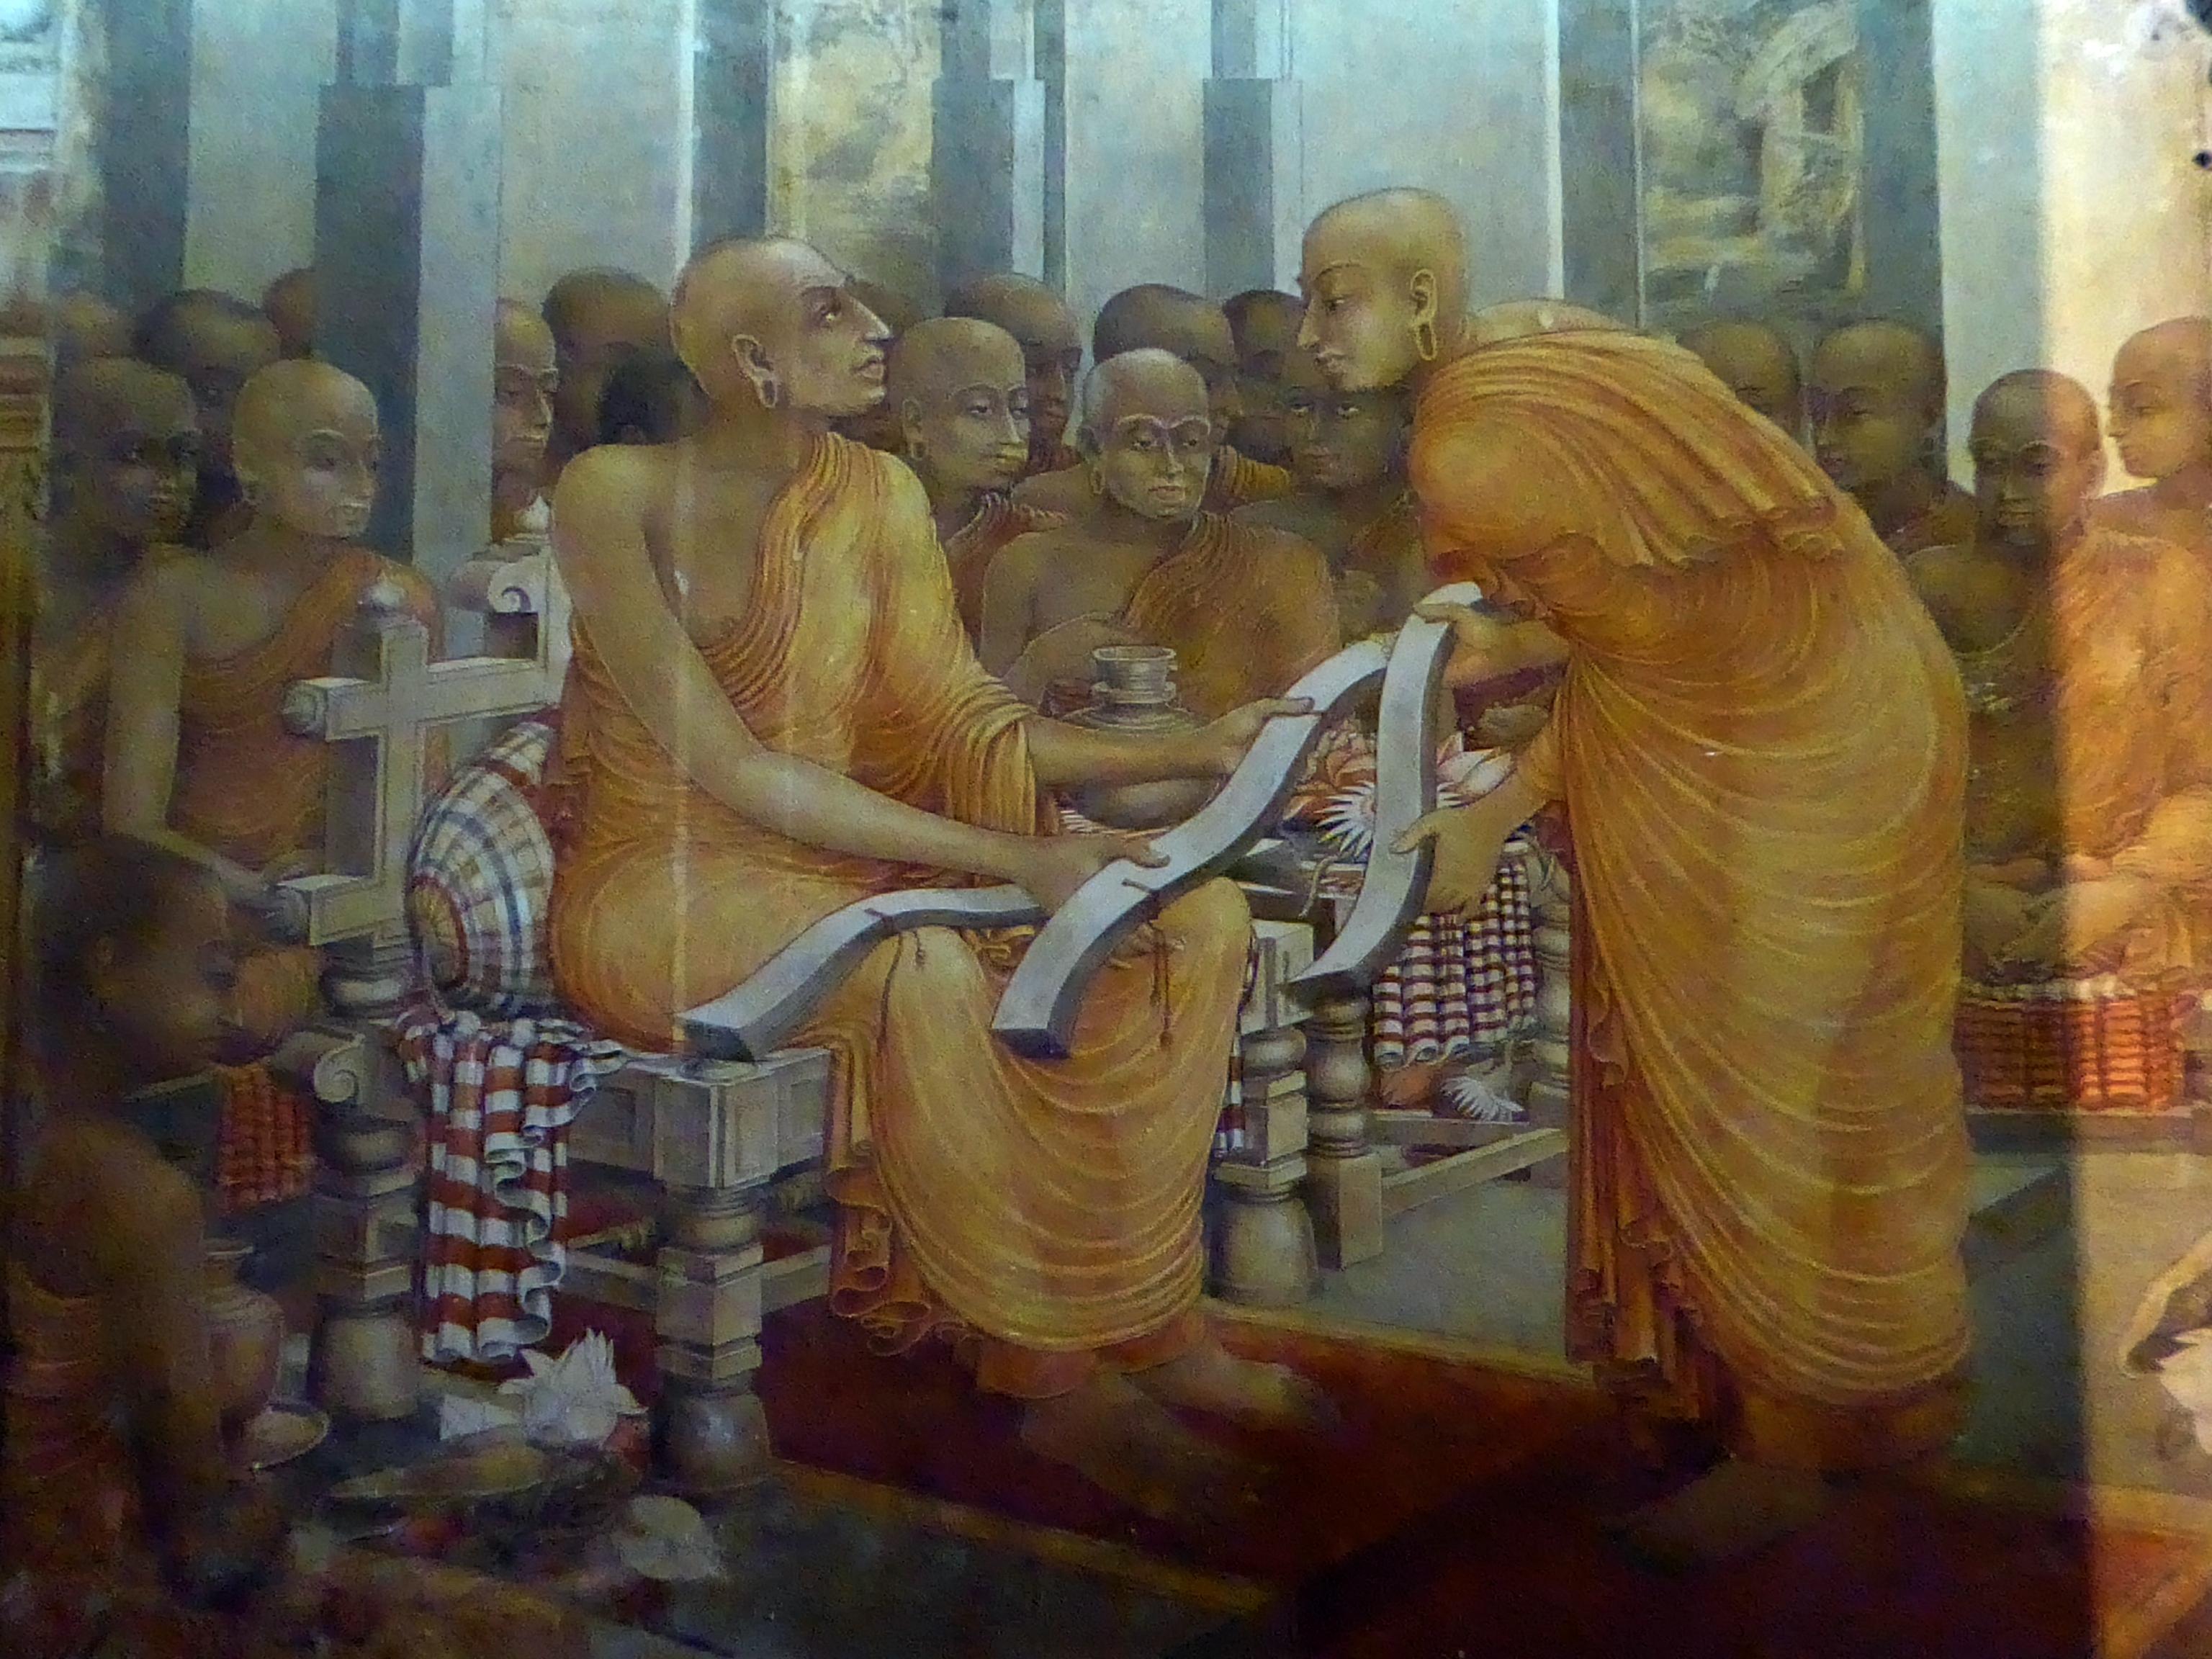 Buddhaghosa - Wikipedia